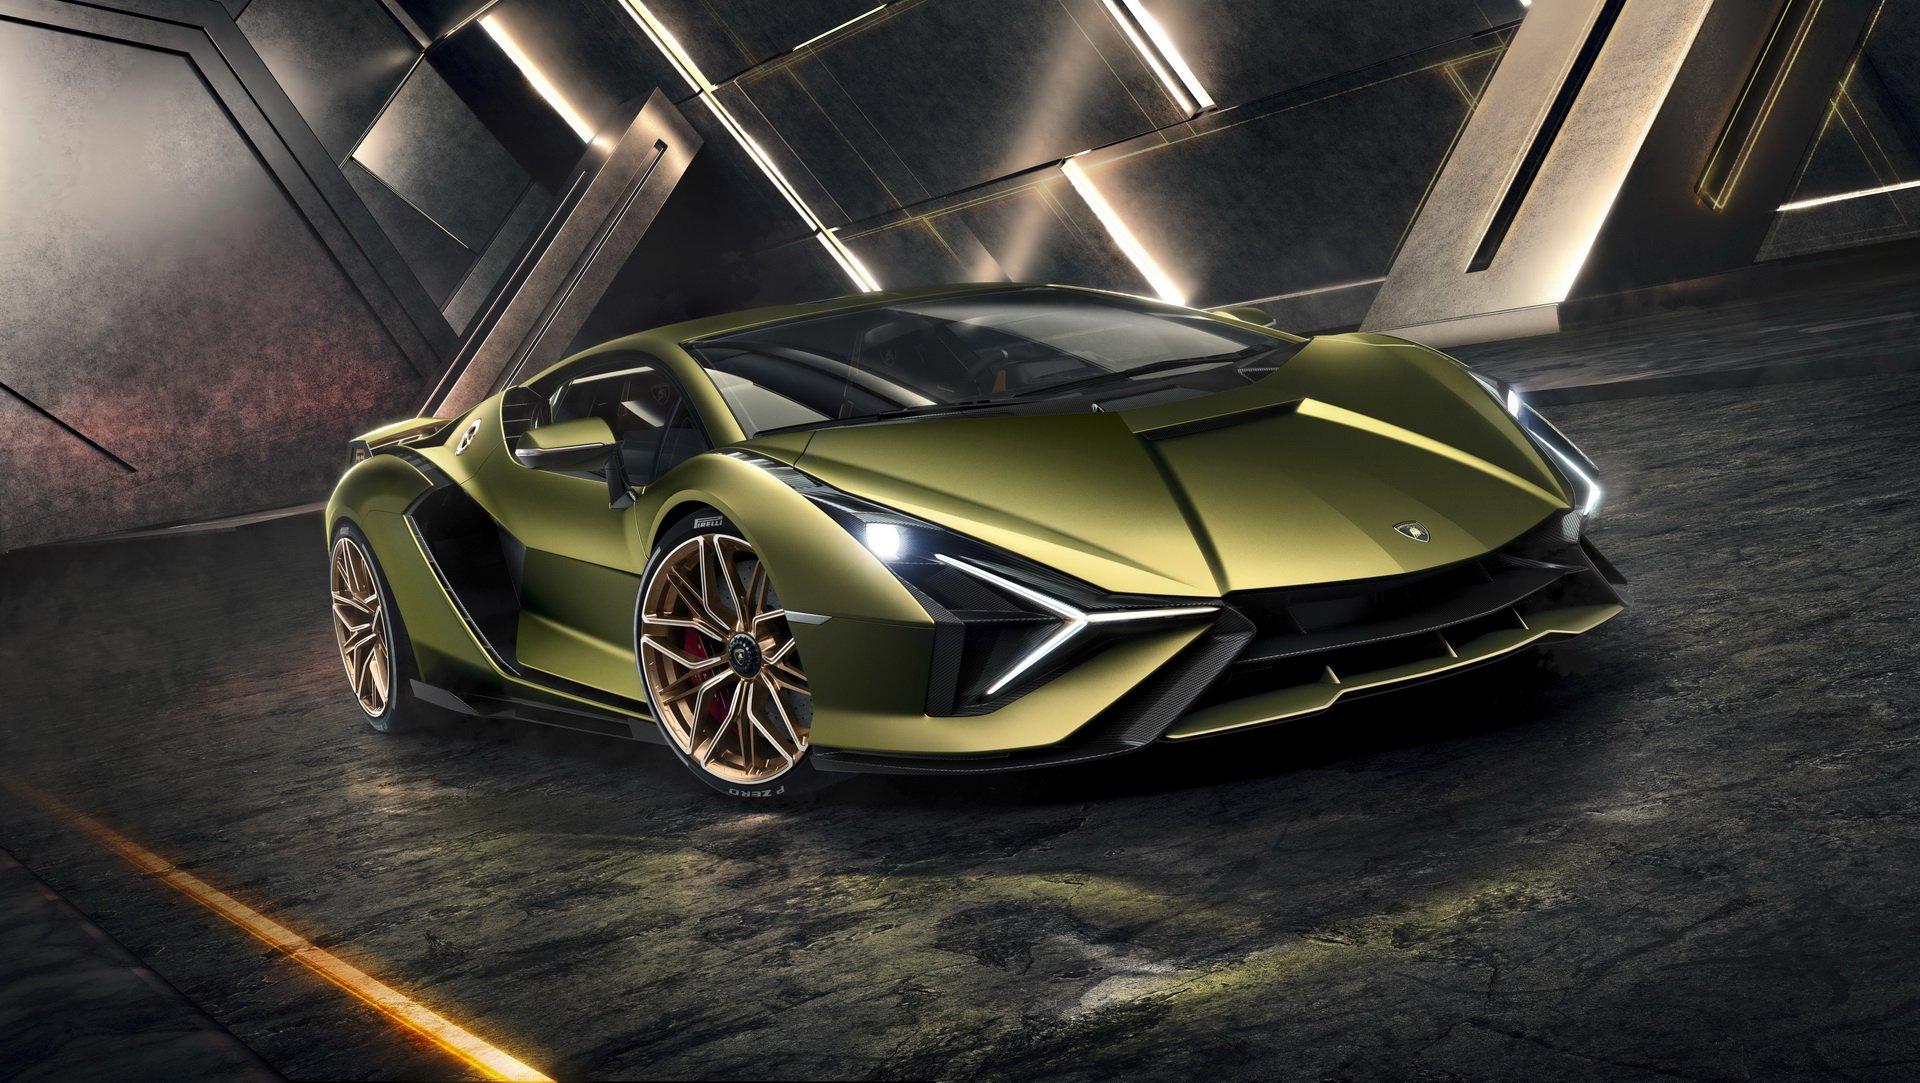 Lamborghini'nin hibrit süper otomobili Sian tanıtıldı: Gelmiş geçmiş en güçlü Lamborghini